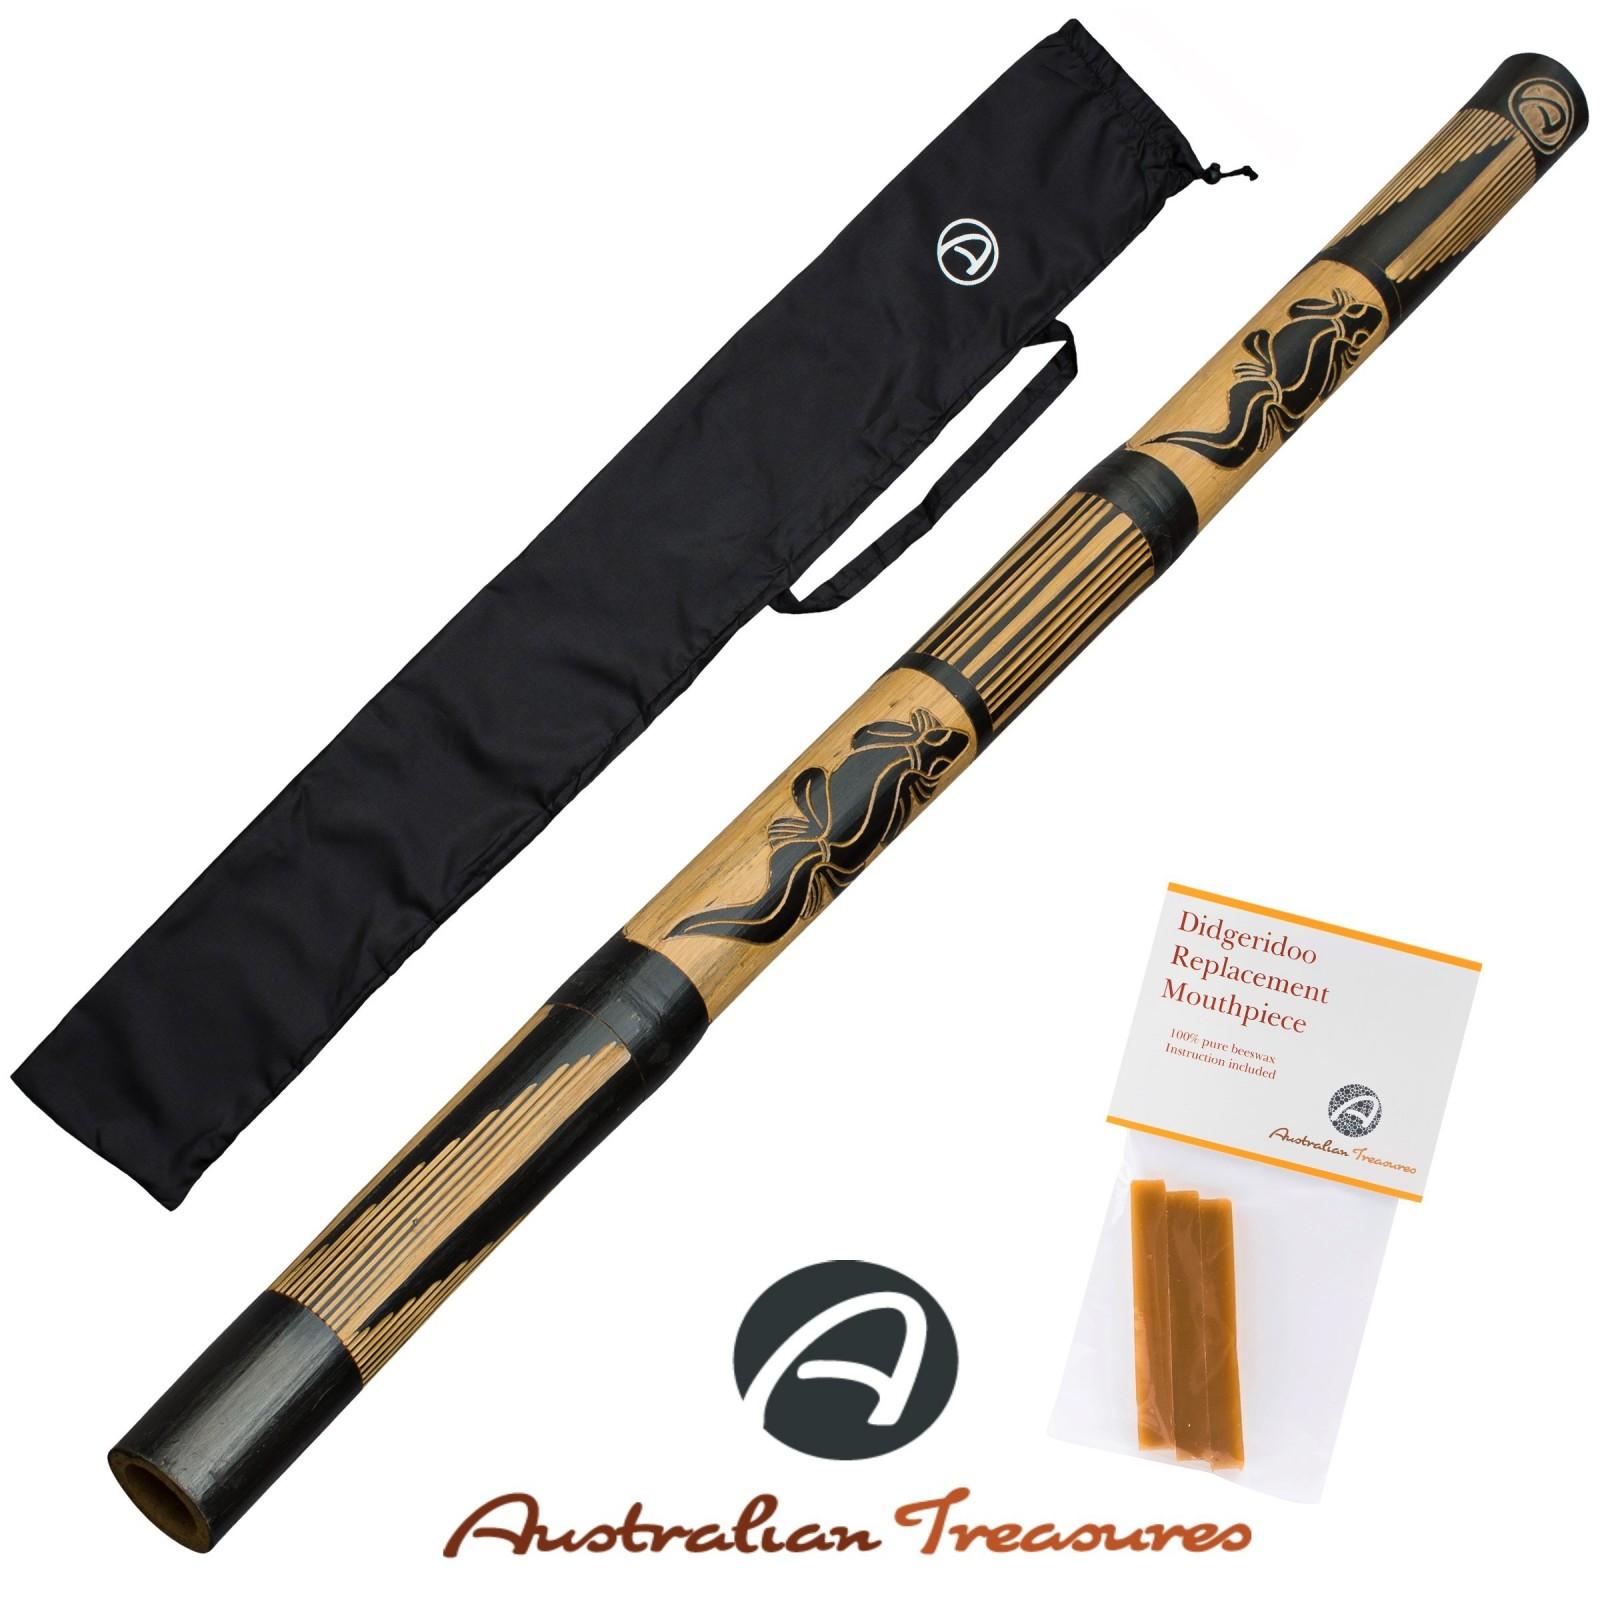 DIDGERIDOO CARVED: didgeridoo en bambou comprenant 3 bandes de cire d'abeille et sac de didgeridoo en nylon